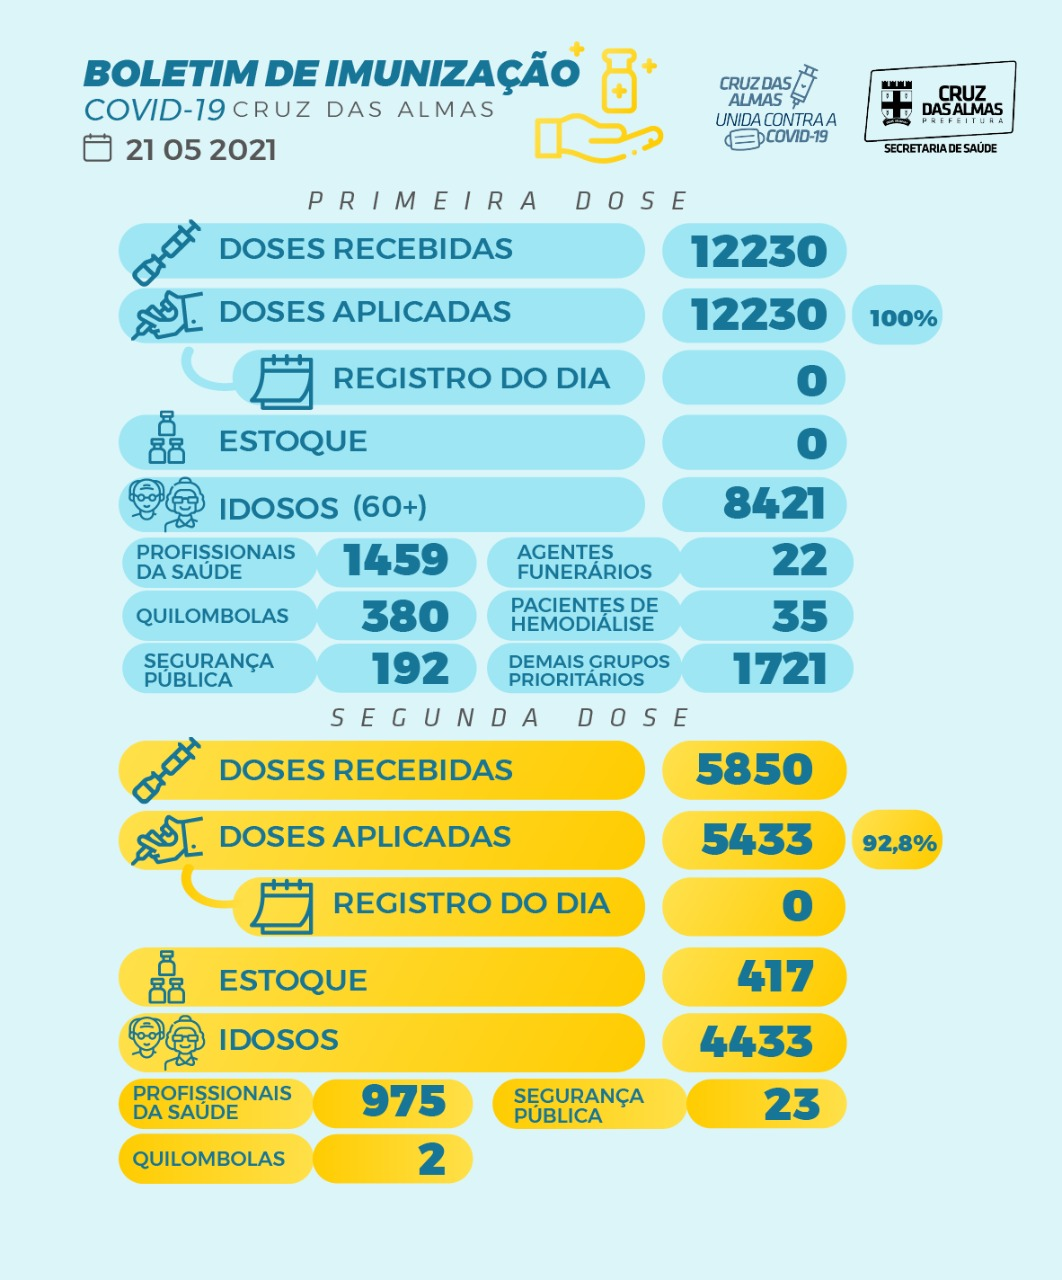 BOLETIM DE IMUNIZAÇÃO 21/05/2021